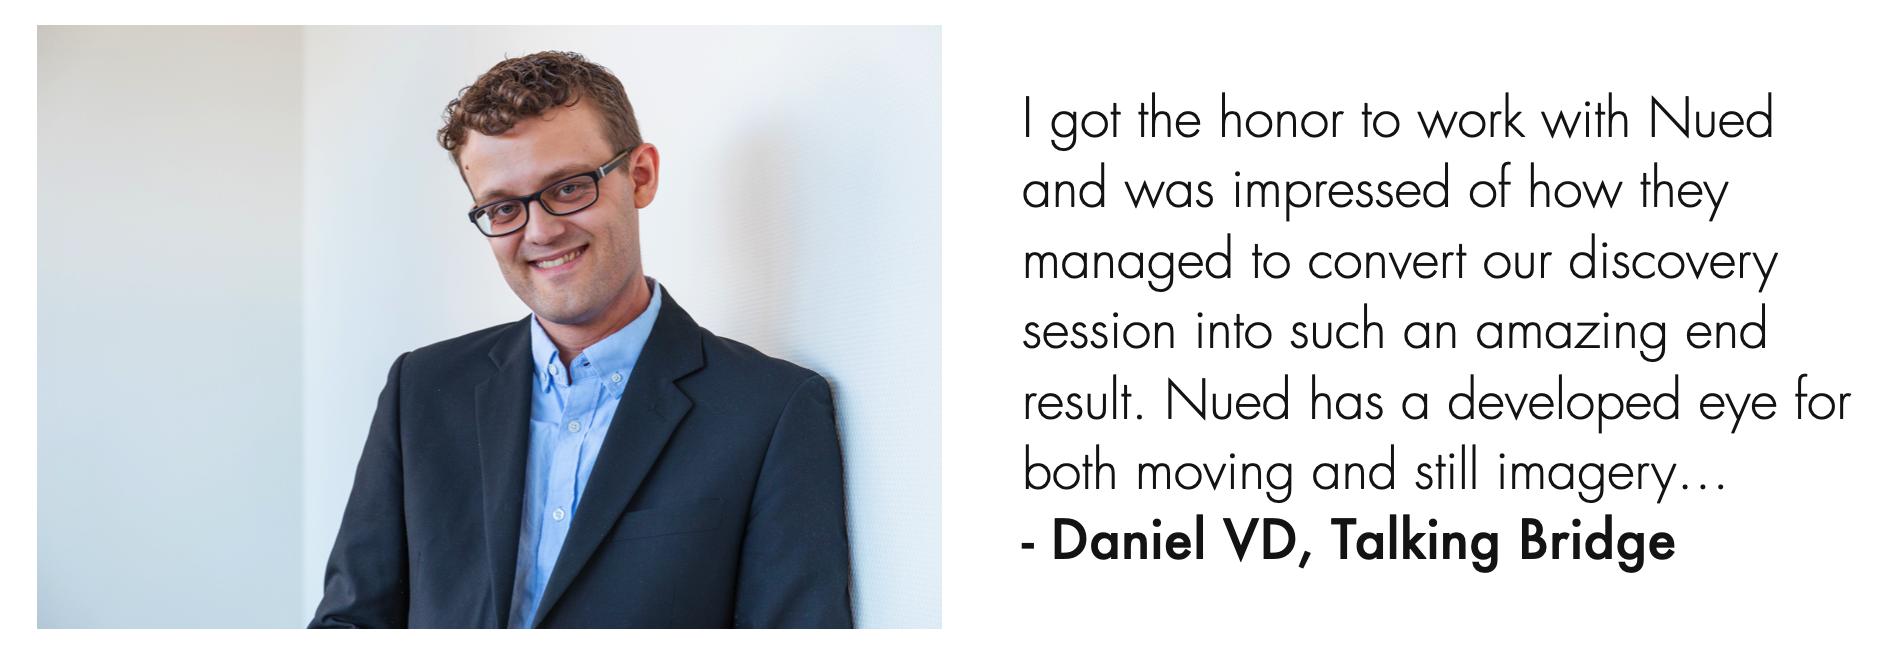 Daniel VD, Talking Bridge client quote.